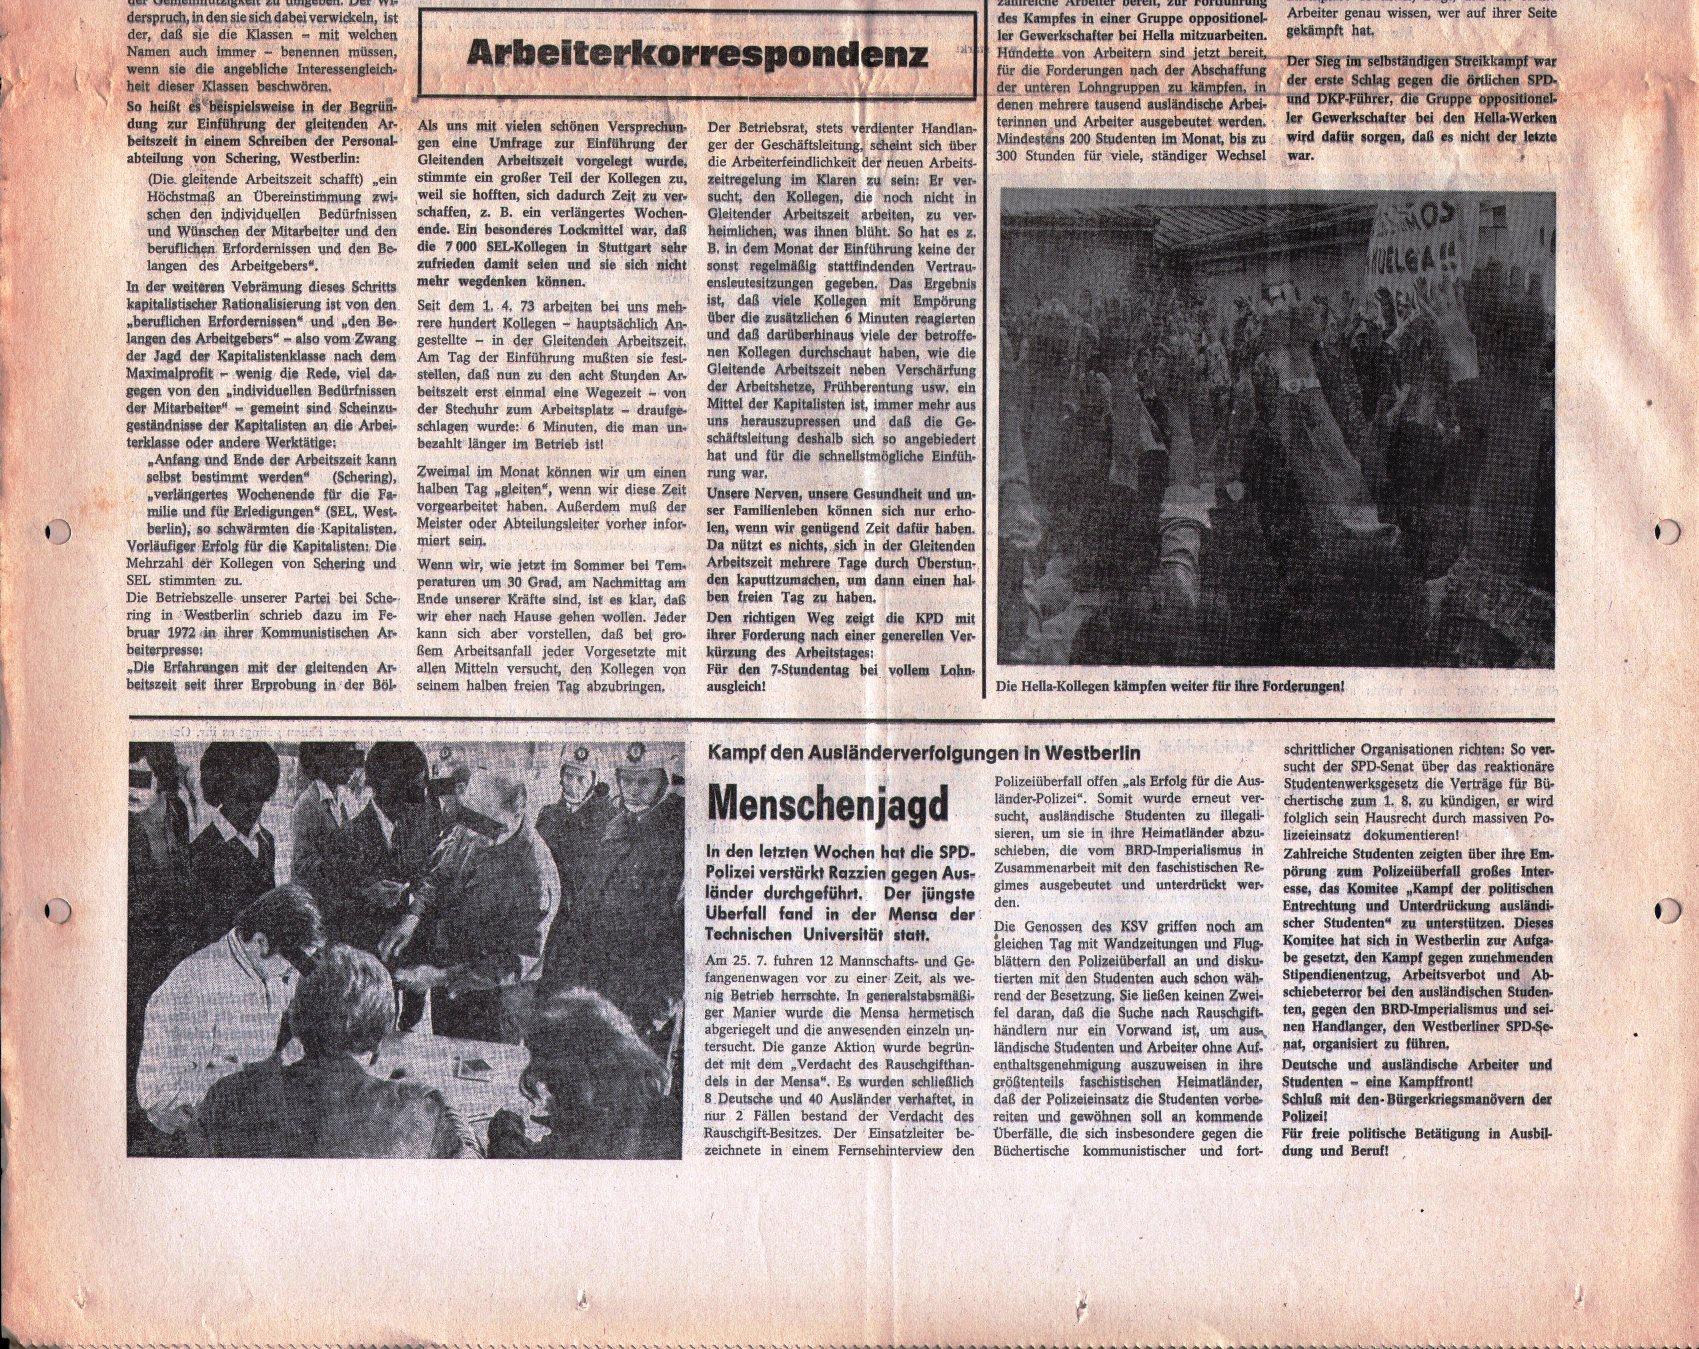 KPD_Rote_Fahne_1973_31_08